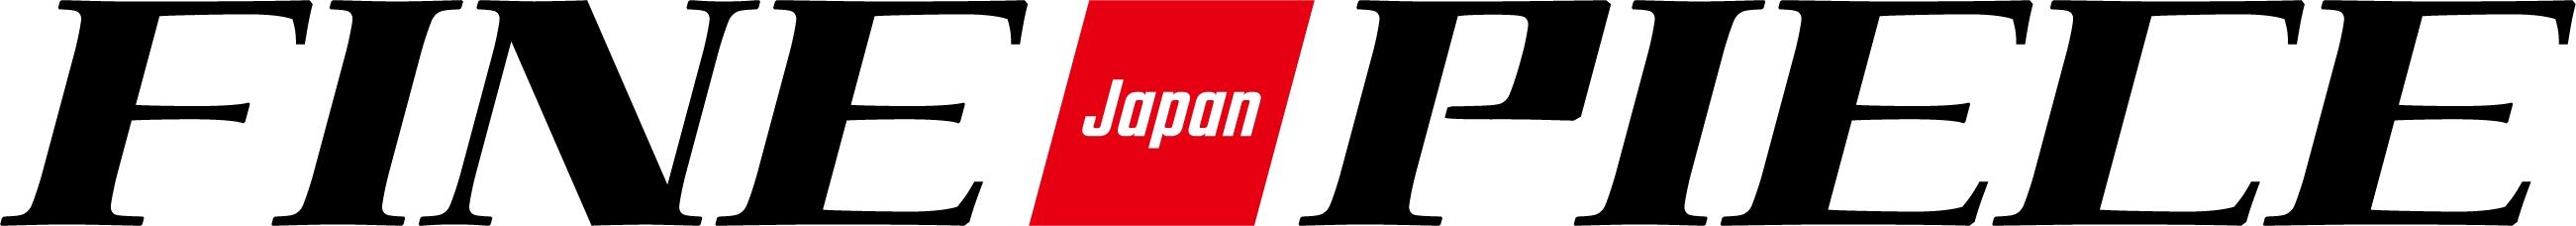 【ファインピース / Fine Piece】 【ウサイン・ボルト緊急来日】電動 キックボード「BOLT」の日本参入を表明!「モビリティトランスフォー メーション(企画:スマートドライブ)」コラボ取材企画の東京MaaSミ ーティングによる現地速報。